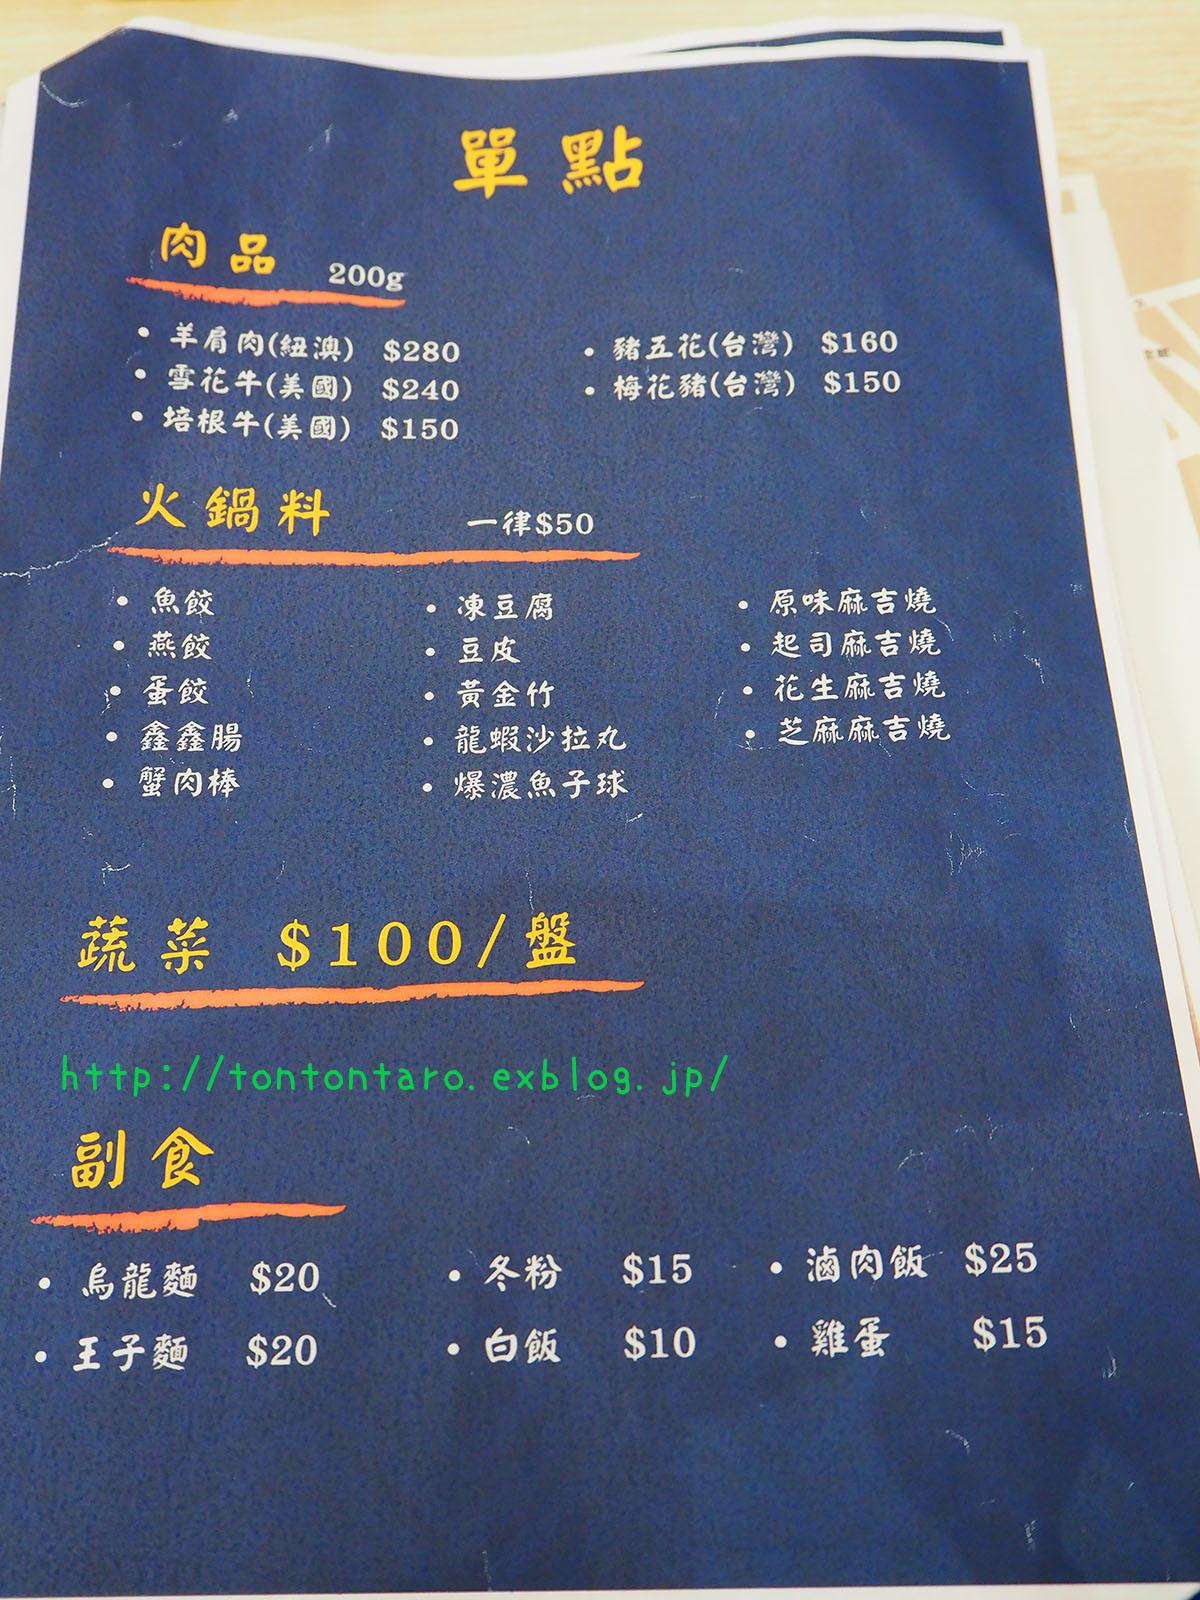 生まれ変わった台北城大飯店2樓、「大稻埕風味餐廳」のお値打ち感は異常(再び)_a0112888_01142120.jpg